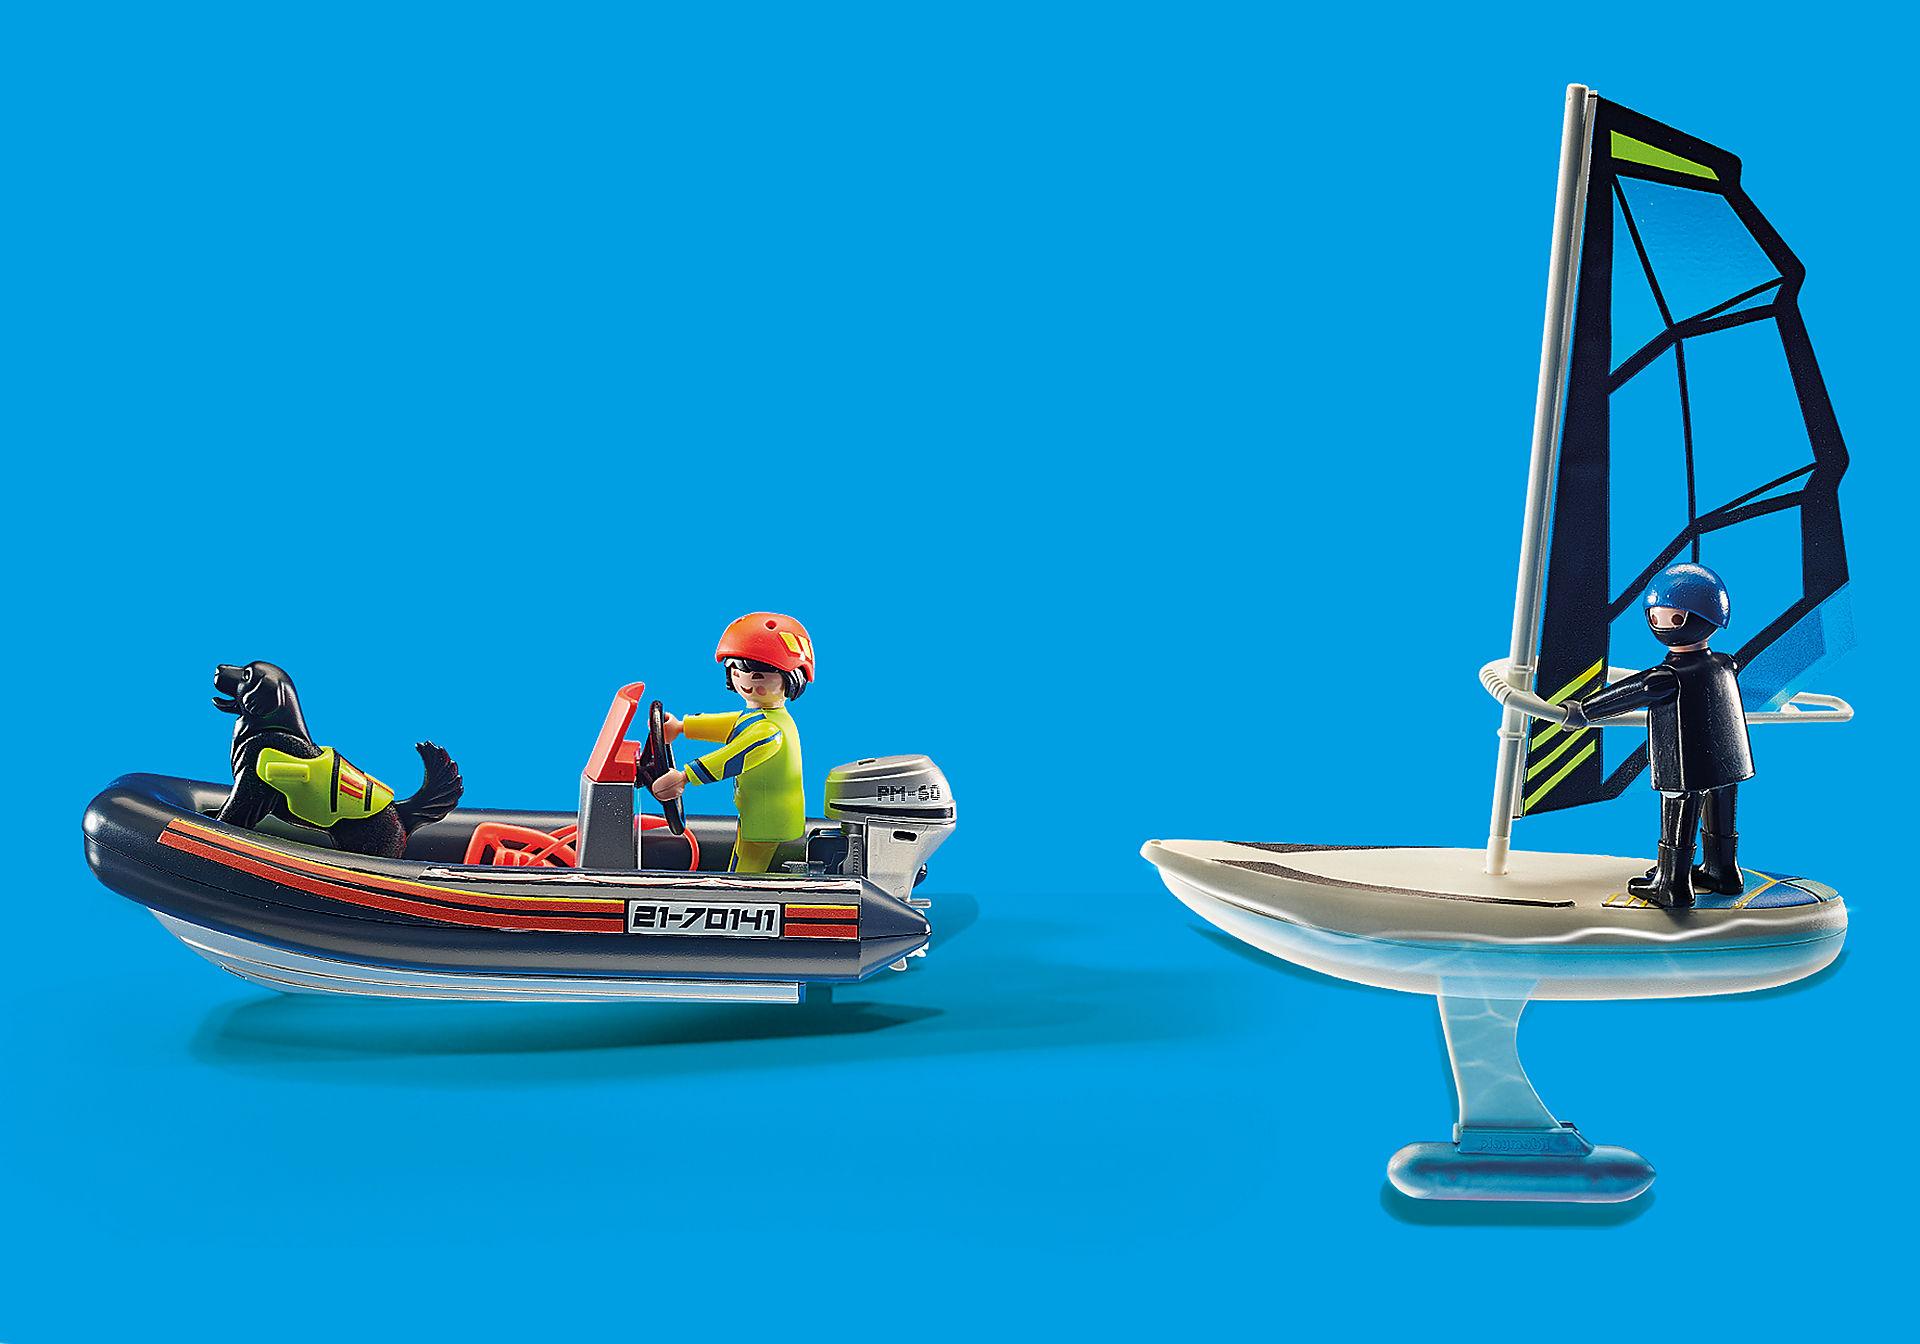 70141 Redding op zee: redding met poolzeiler met rubberen sleepboot zoom image6